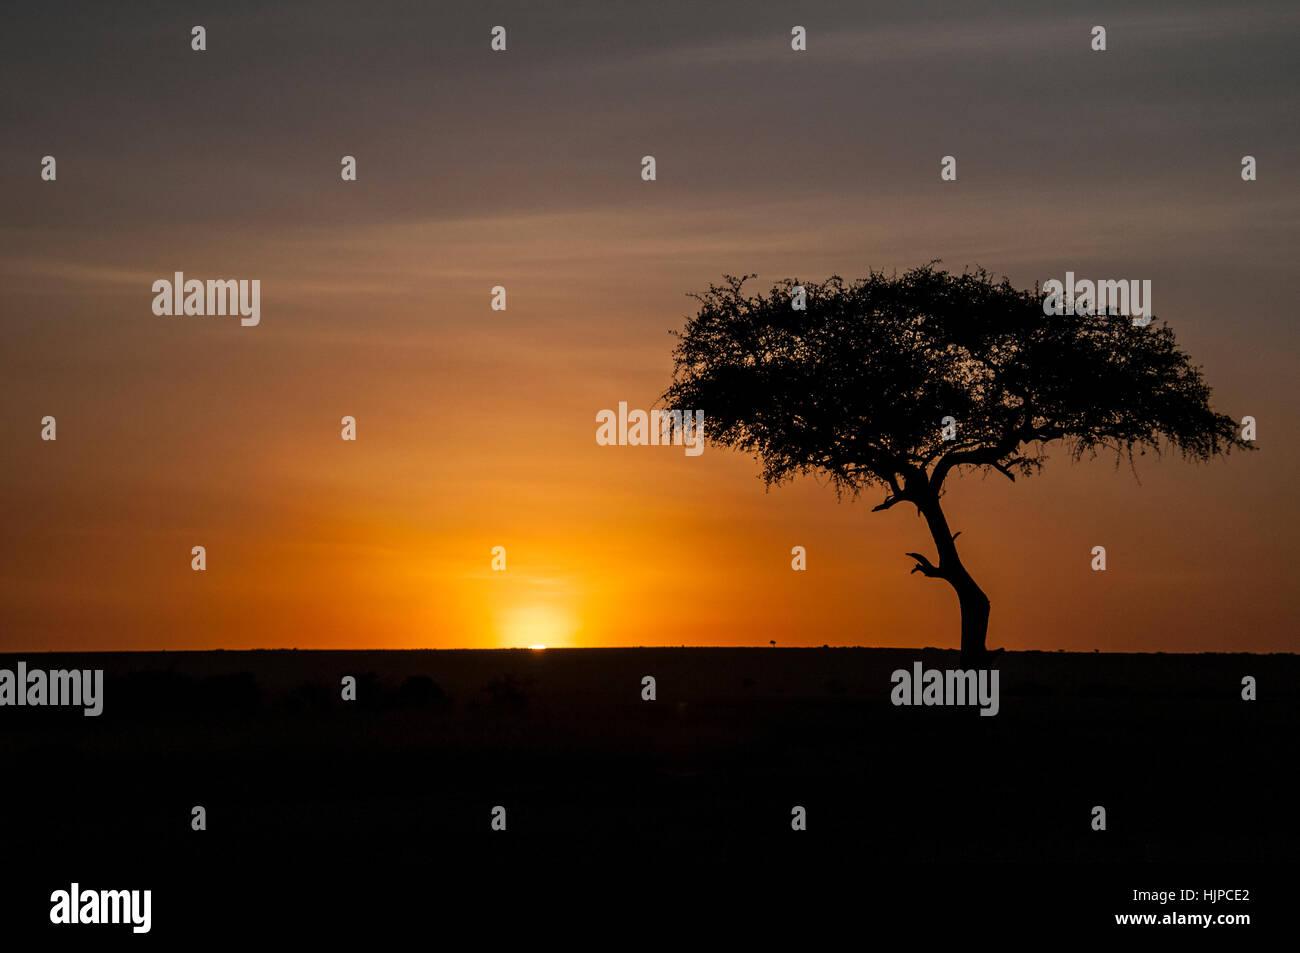 Sunrise dietro un albero di acacia nel Masai Mara, Kenya, Africa orientale, l'alba nella savana Immagini Stock